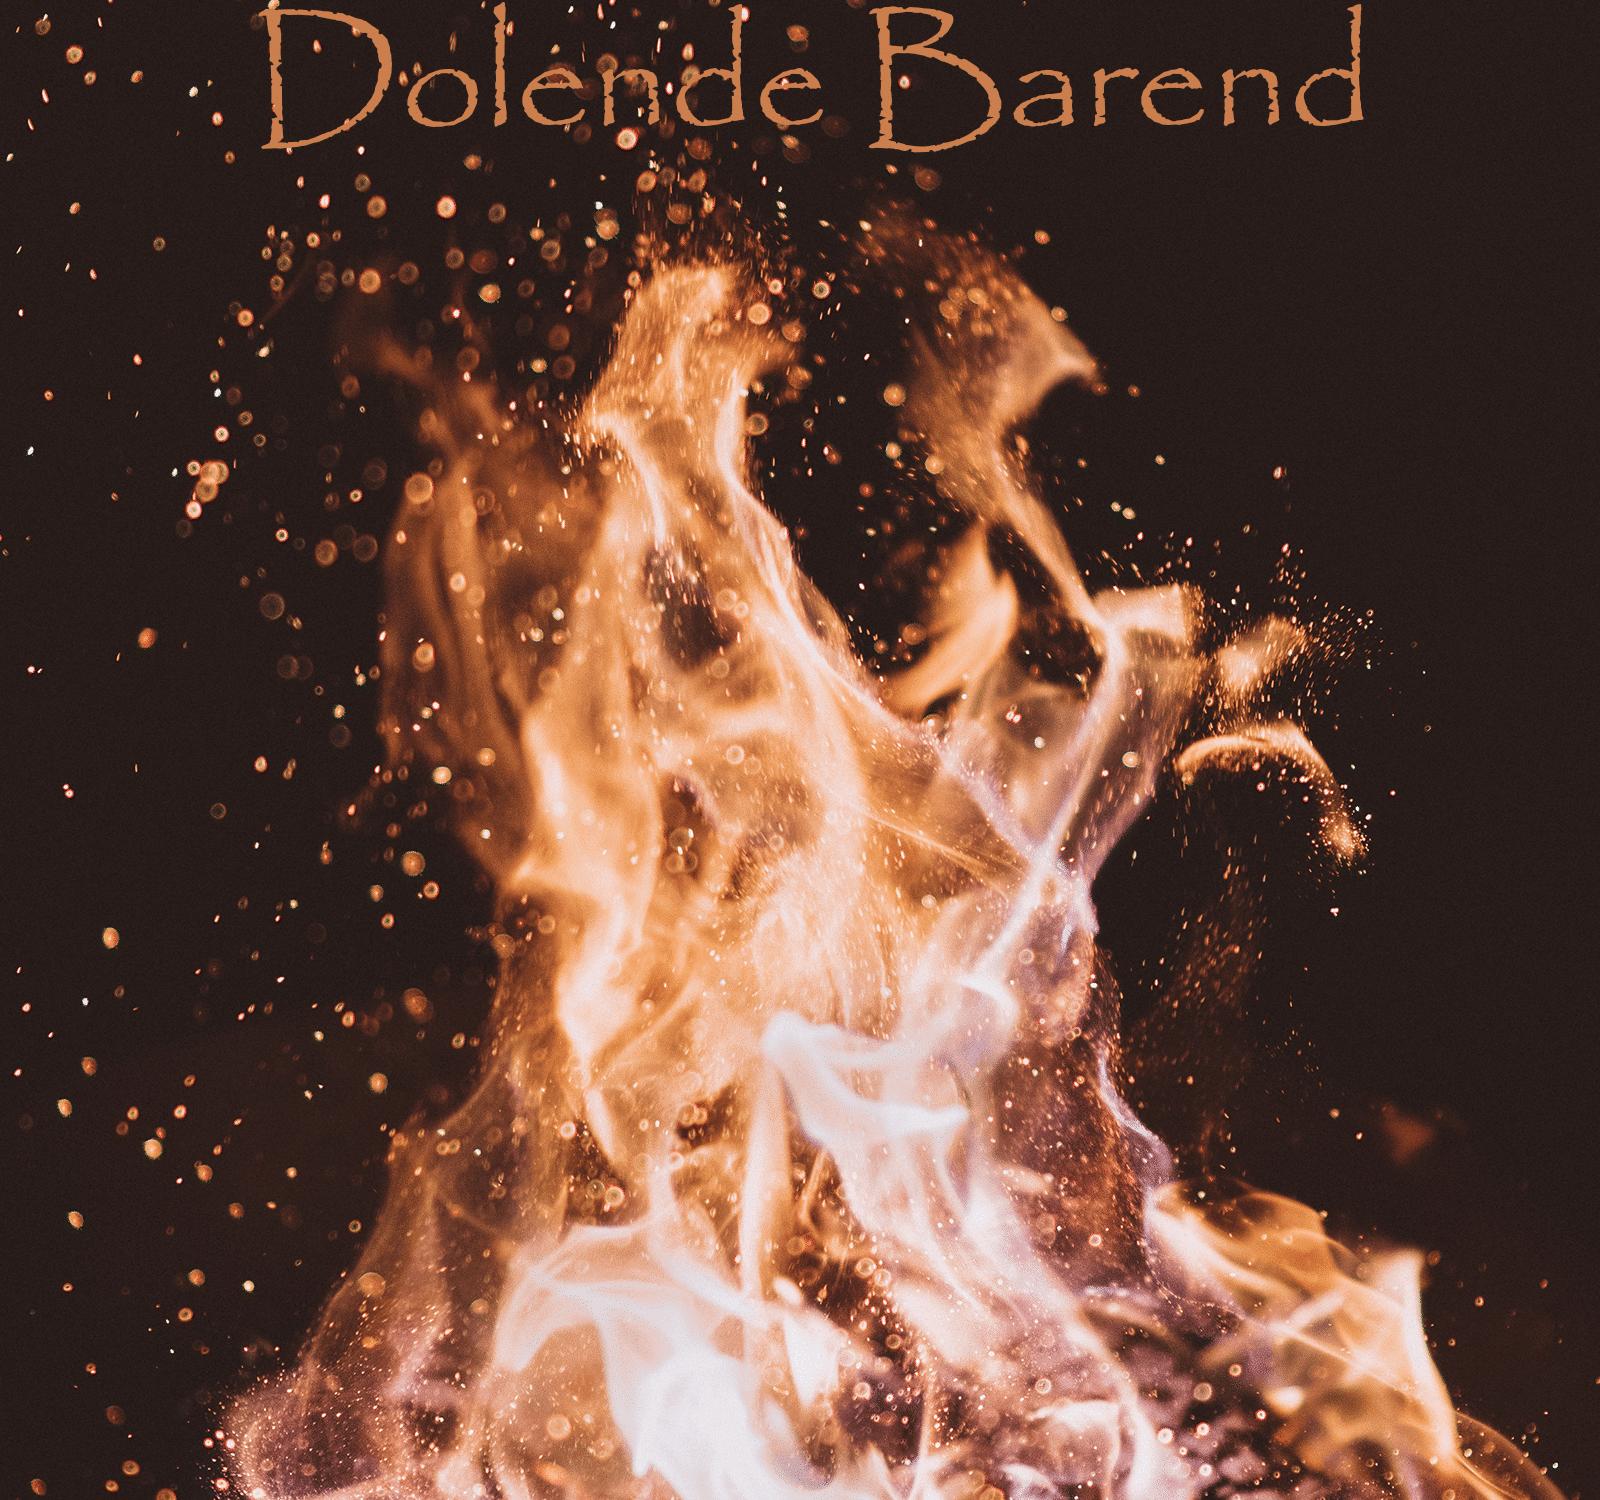 De omslag van het e-book De Geschiedenis van Dolende Barend